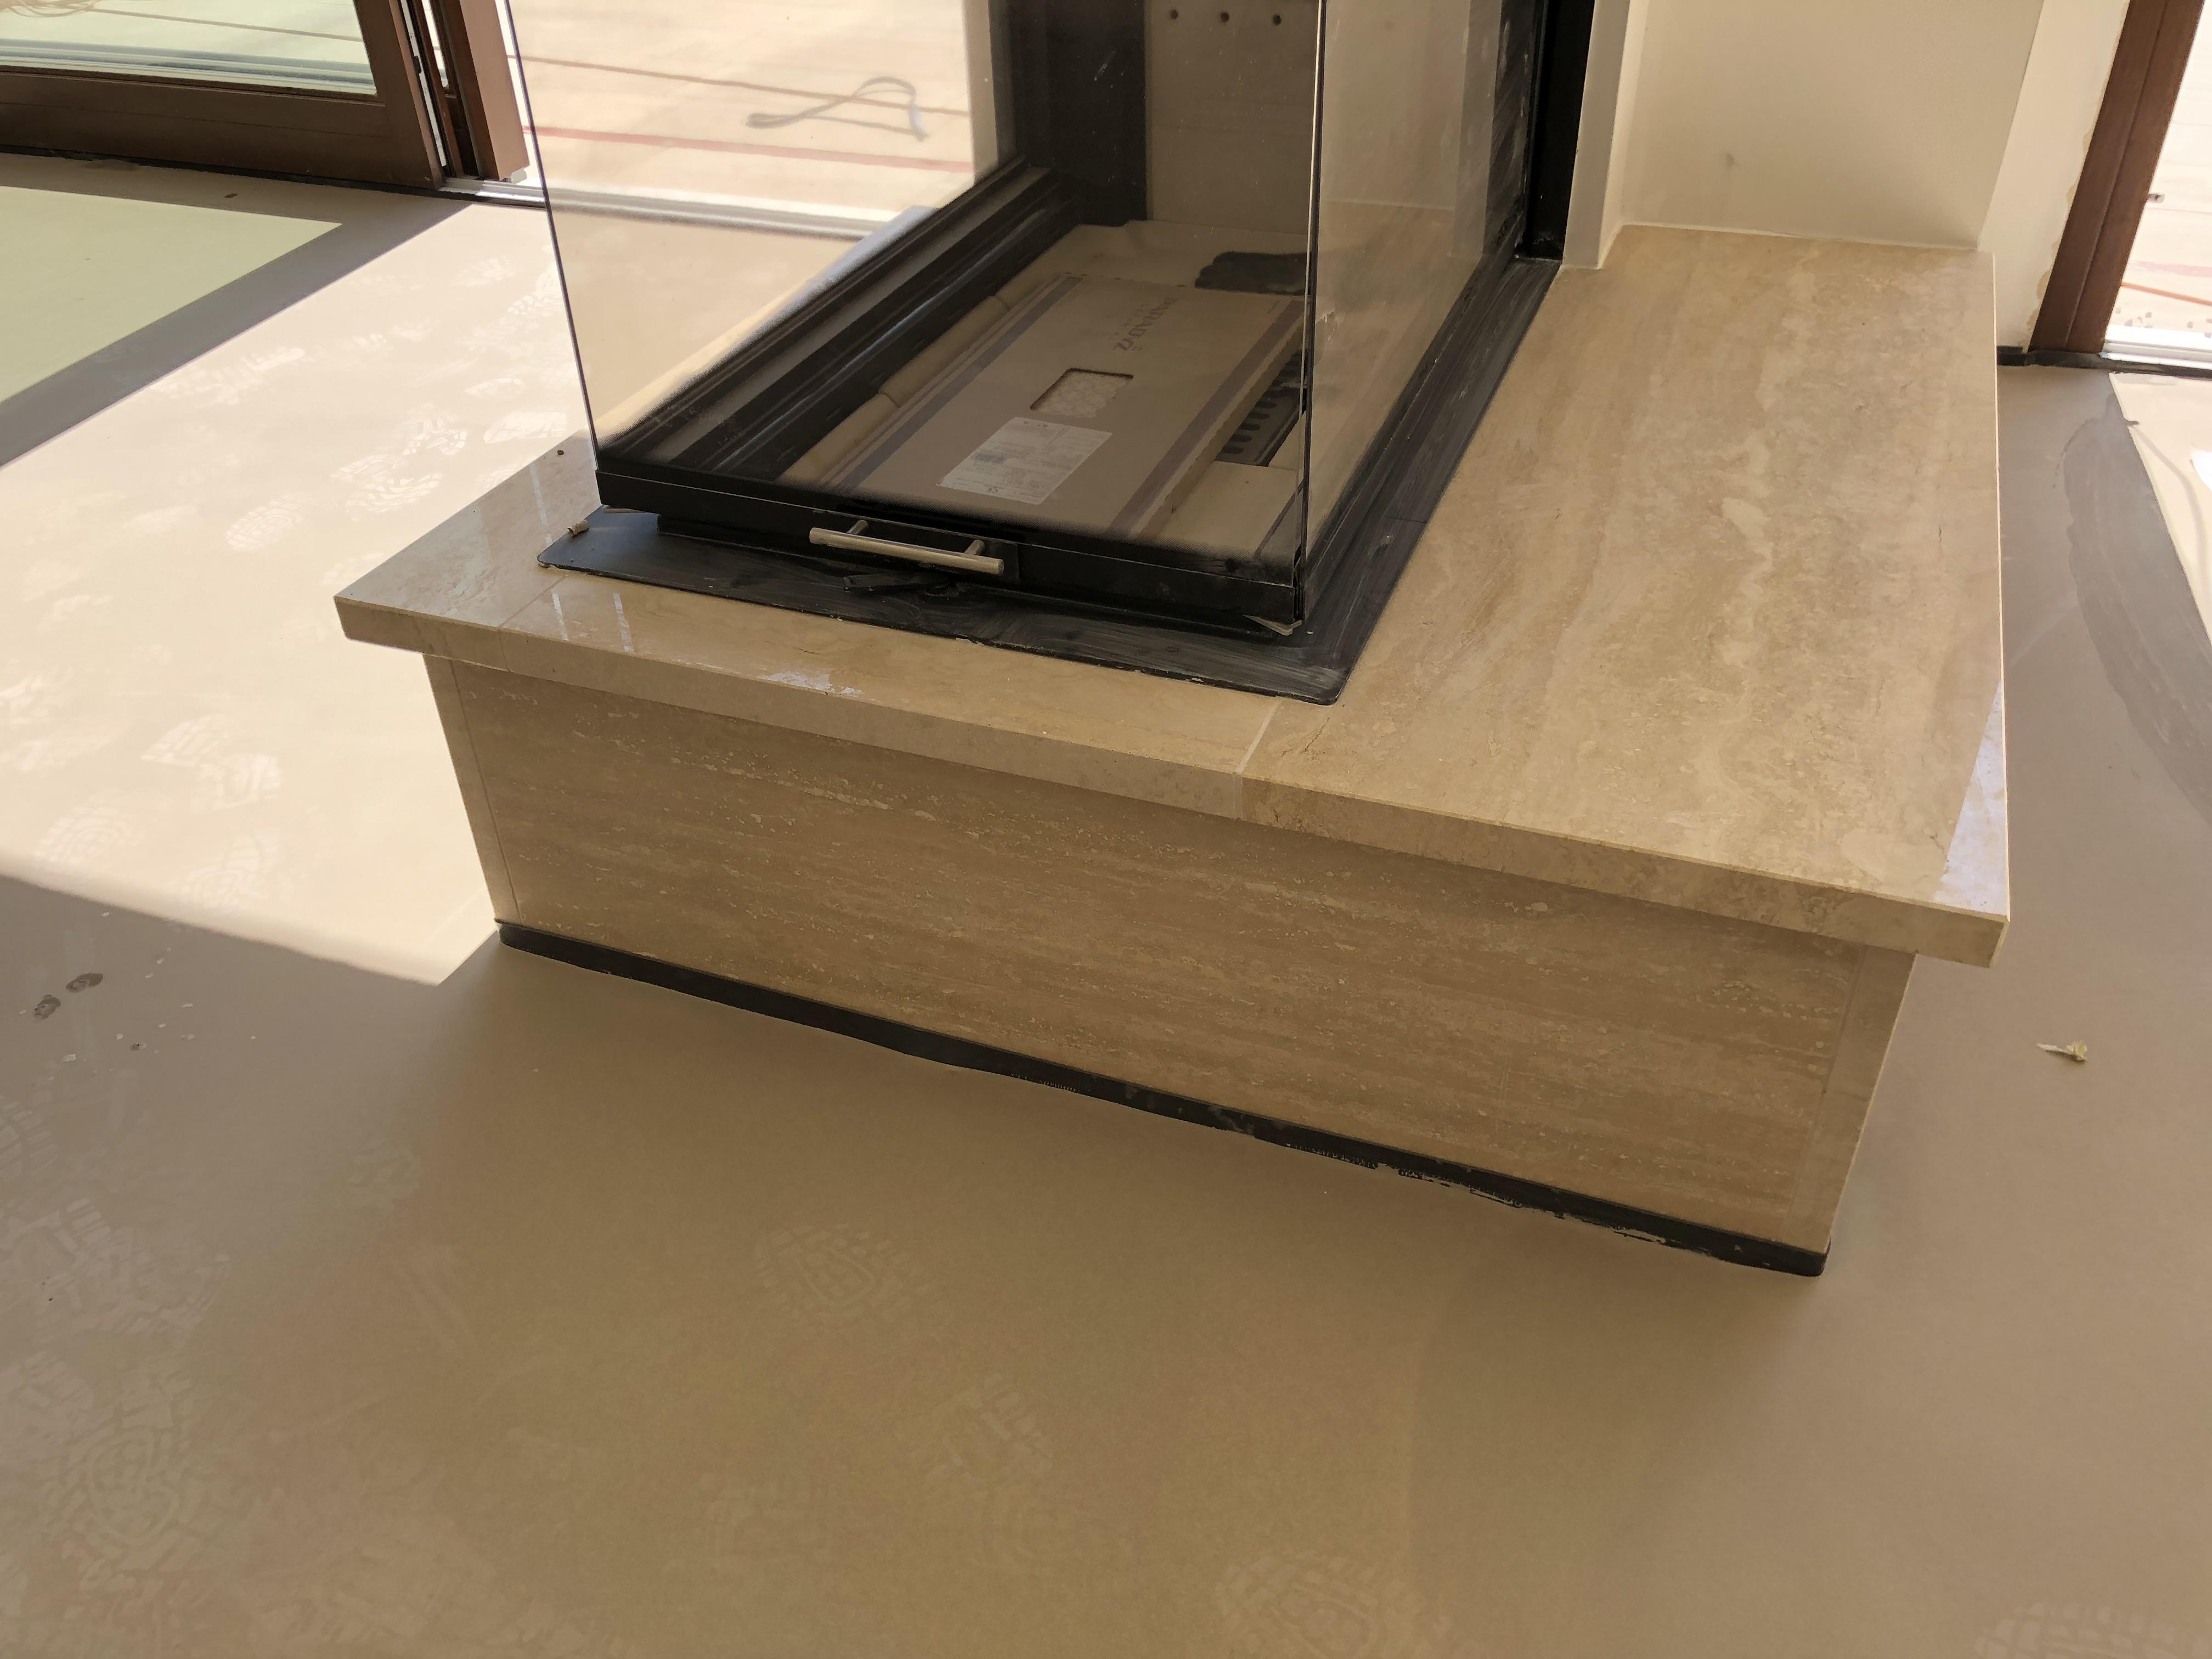 Travertin kandalló fedkő és homloklap x3cm vastagság, élmegmunkálás, teljes hossz oldali megmunkálás, fényes felülettel